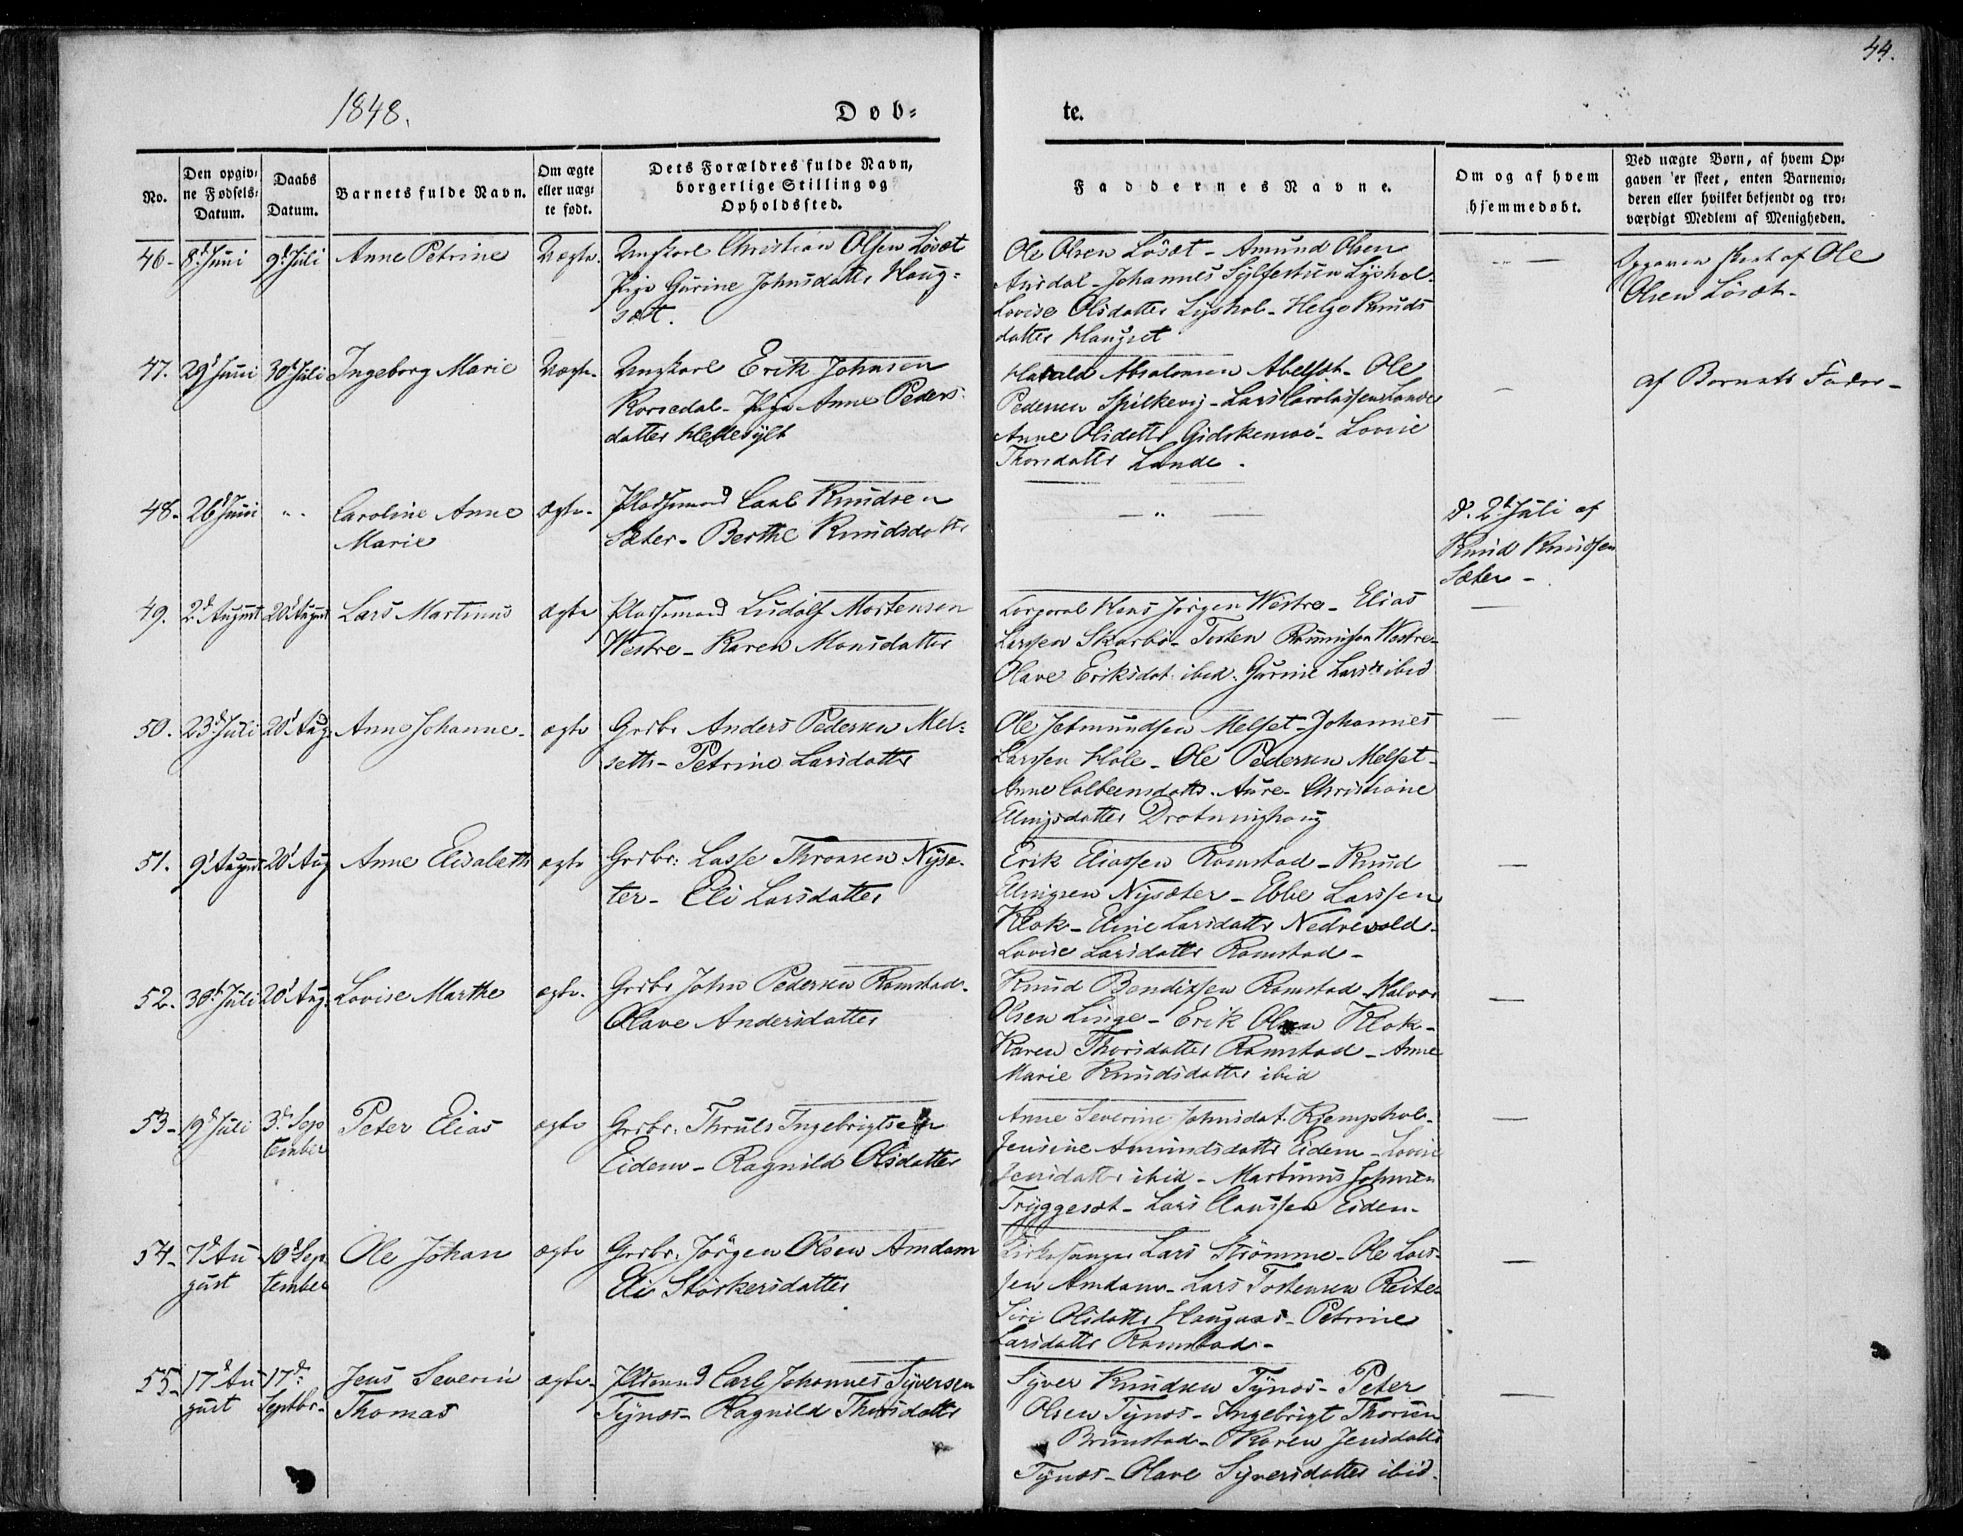 SAT, Ministerialprotokoller, klokkerbøker og fødselsregistre - Møre og Romsdal, 522/L0312: Ministerialbok nr. 522A07, 1843-1851, s. 44